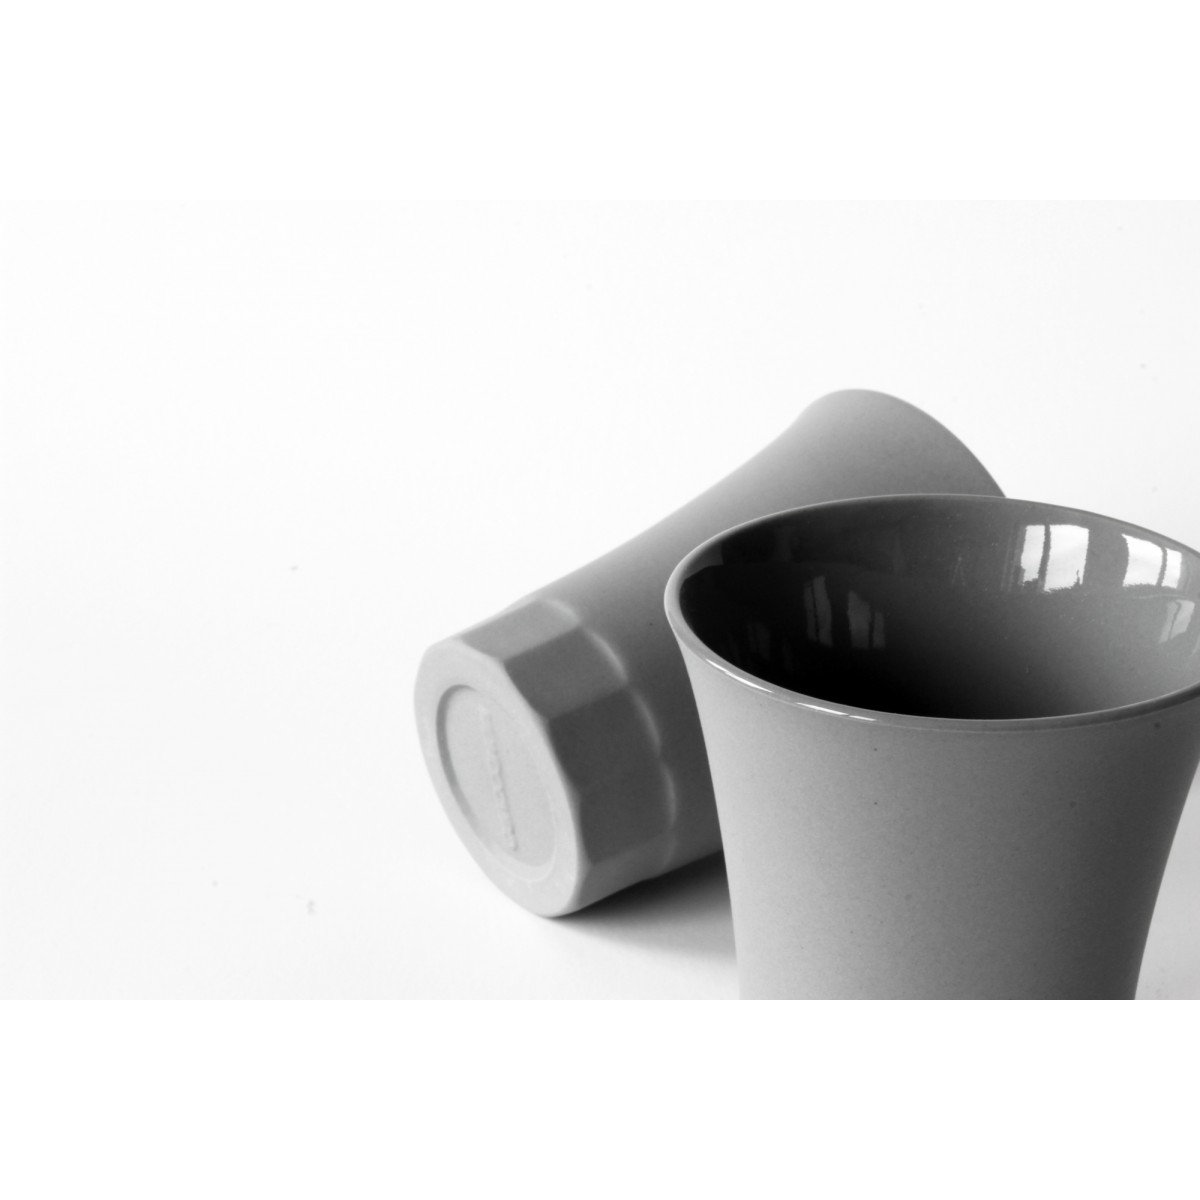 Komplettes Set, Karaffe, Becher und Espresso Schnaps Tassen, Grau Porzellan, POSITANO by the italian duo MONDOCUBO